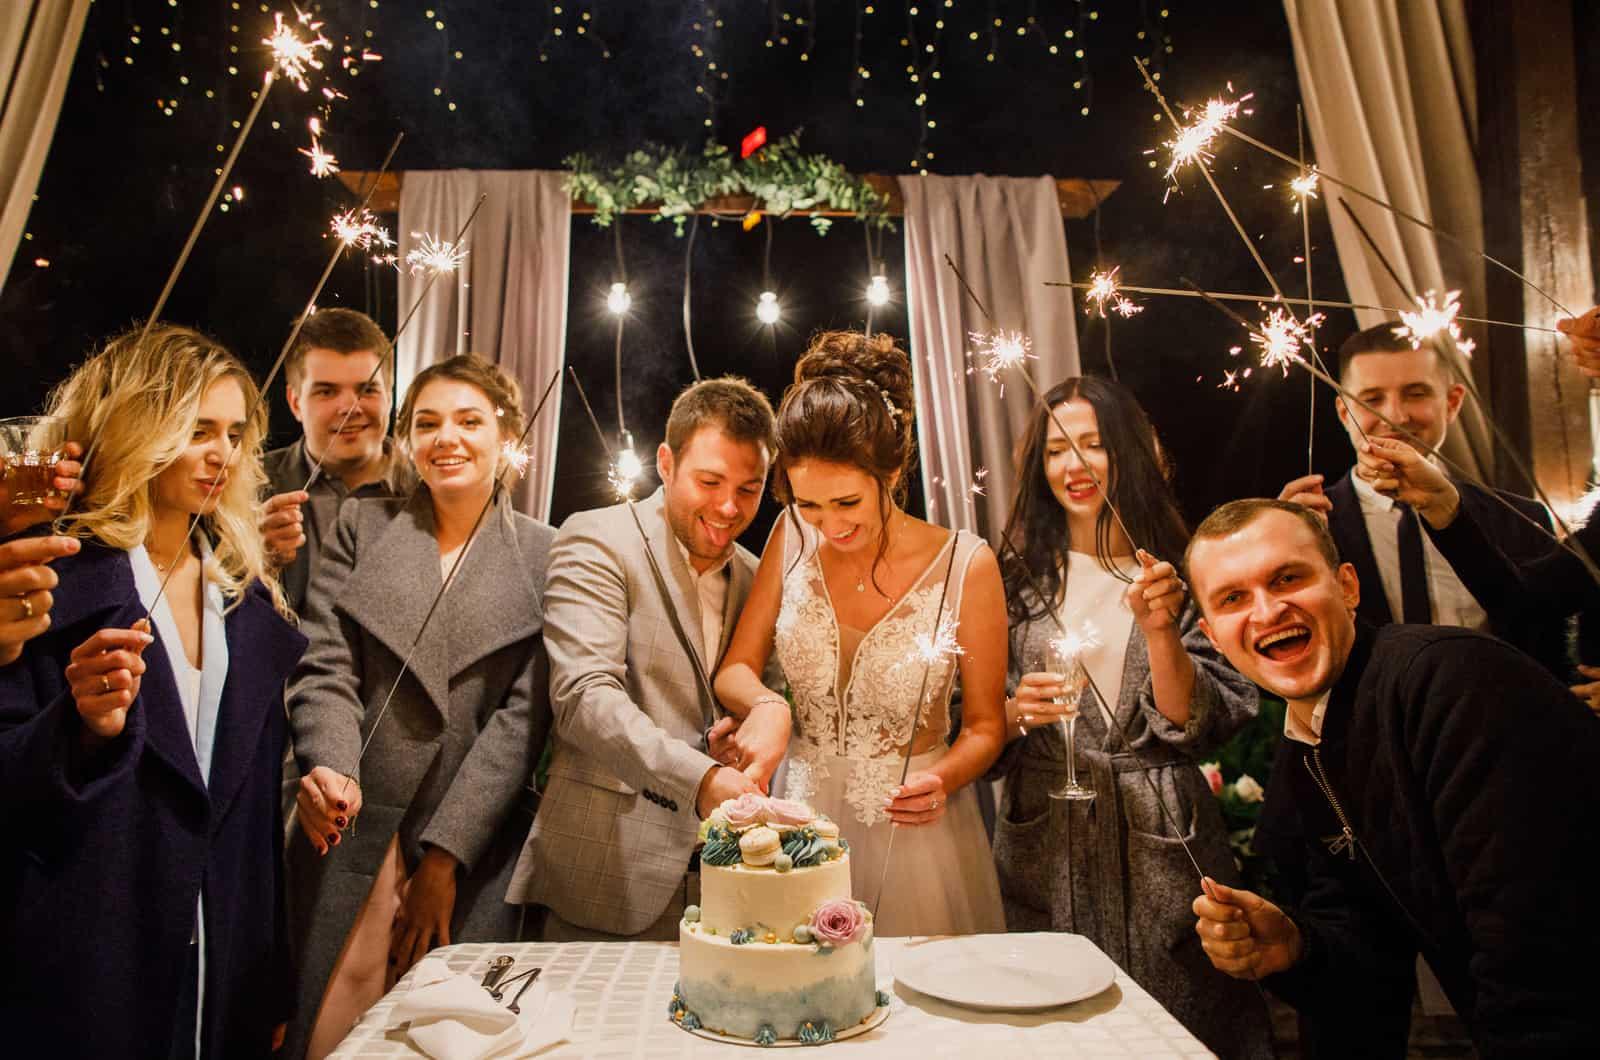 Braut und Bräutigam schneiden einen Kuchen, umgeben von Freunden